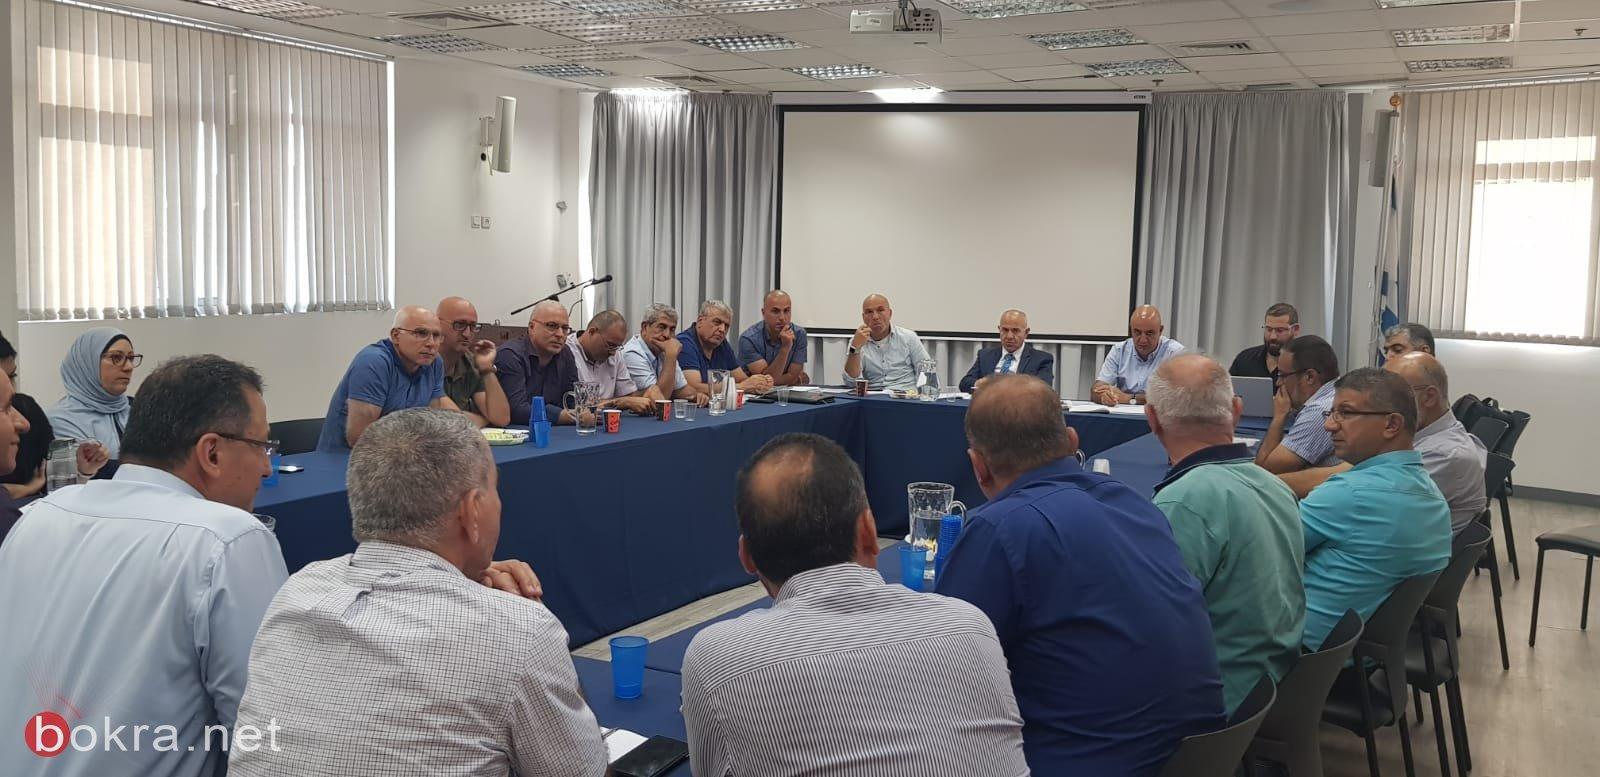 وزارة التربية والتعليم تدرس مسألة العنف بالمجتمع العربي مع مديري المدارس